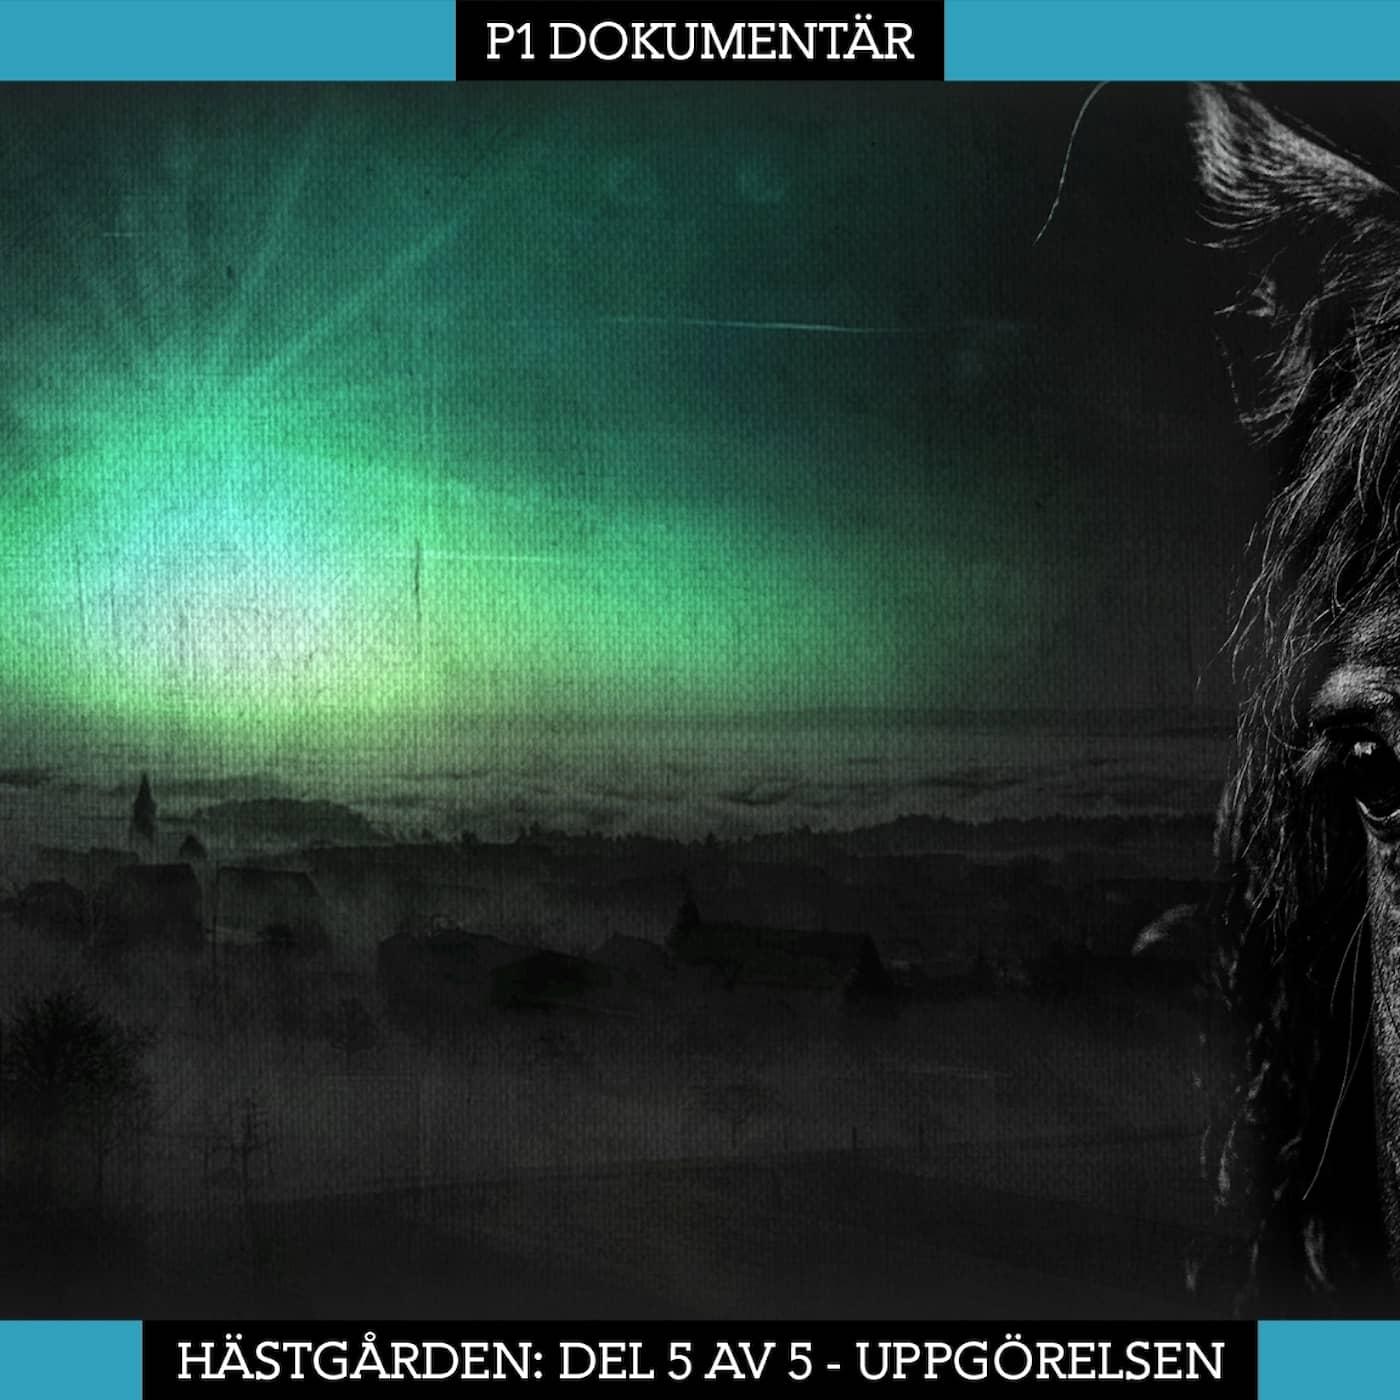 Del 5/5. Hästgården – Uppgörelsen